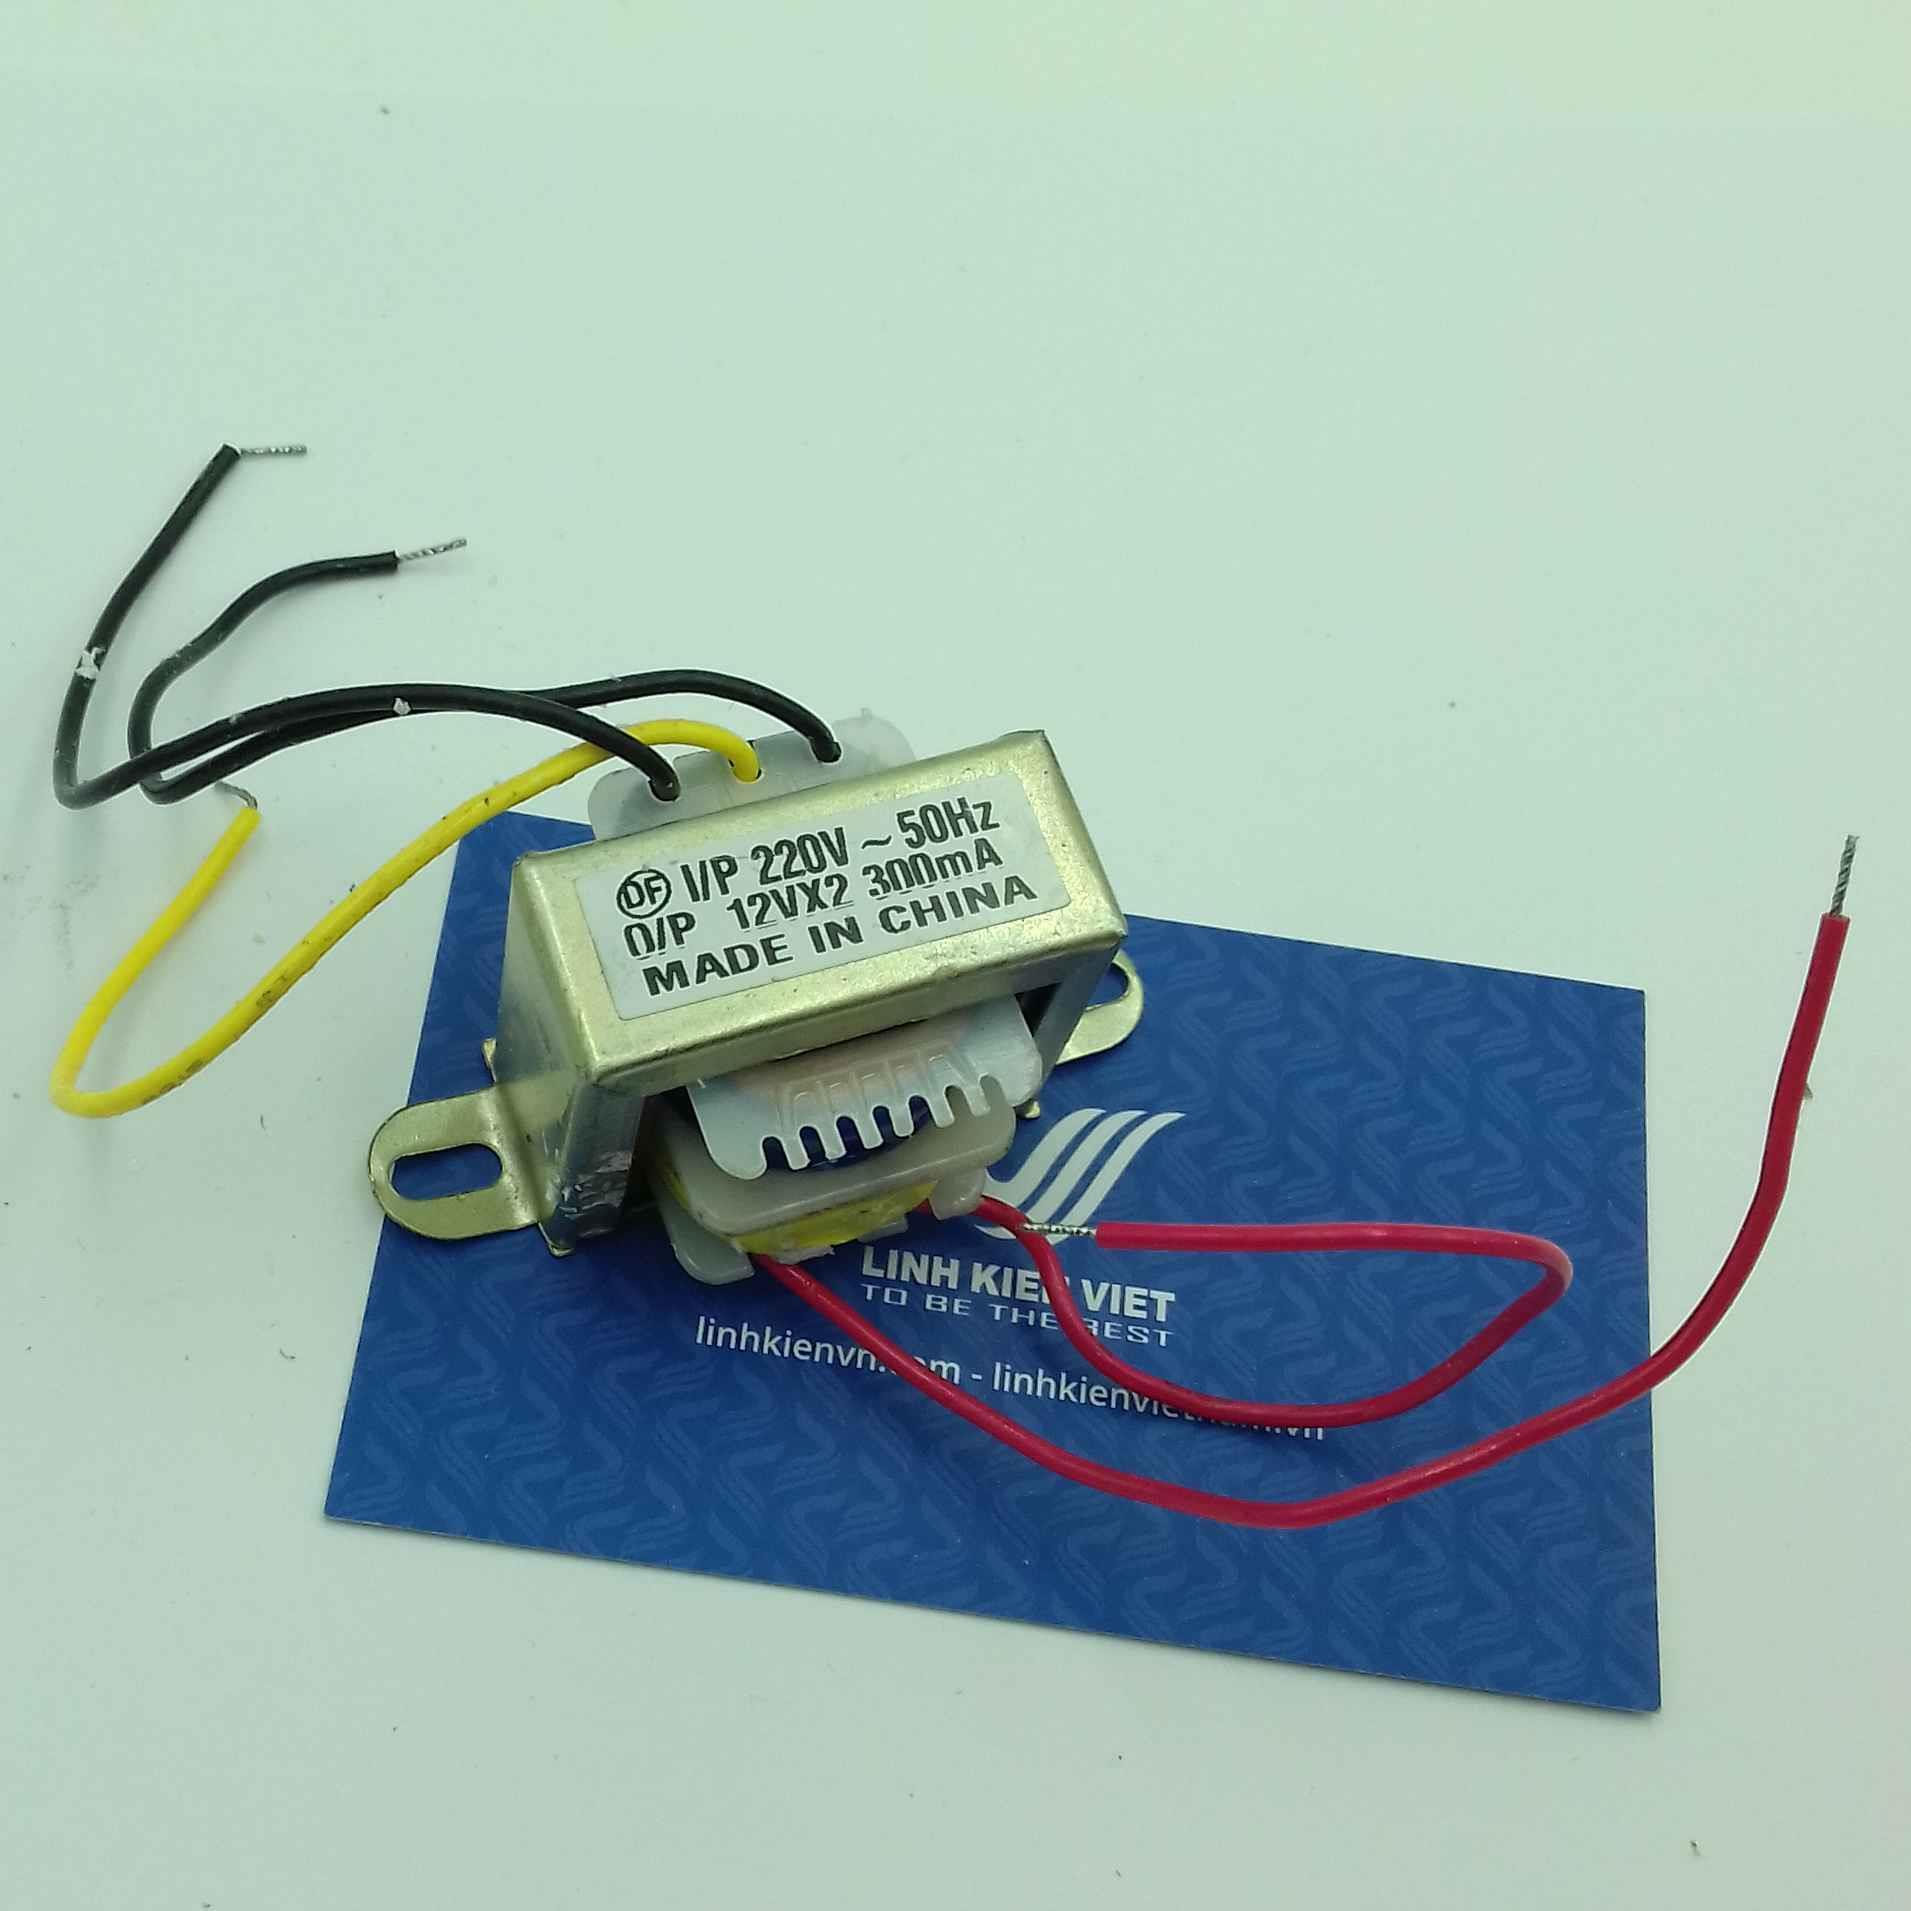 Biến áp đối xứng 12V 300mA / Biến áp 12V 0 12V- J3H15